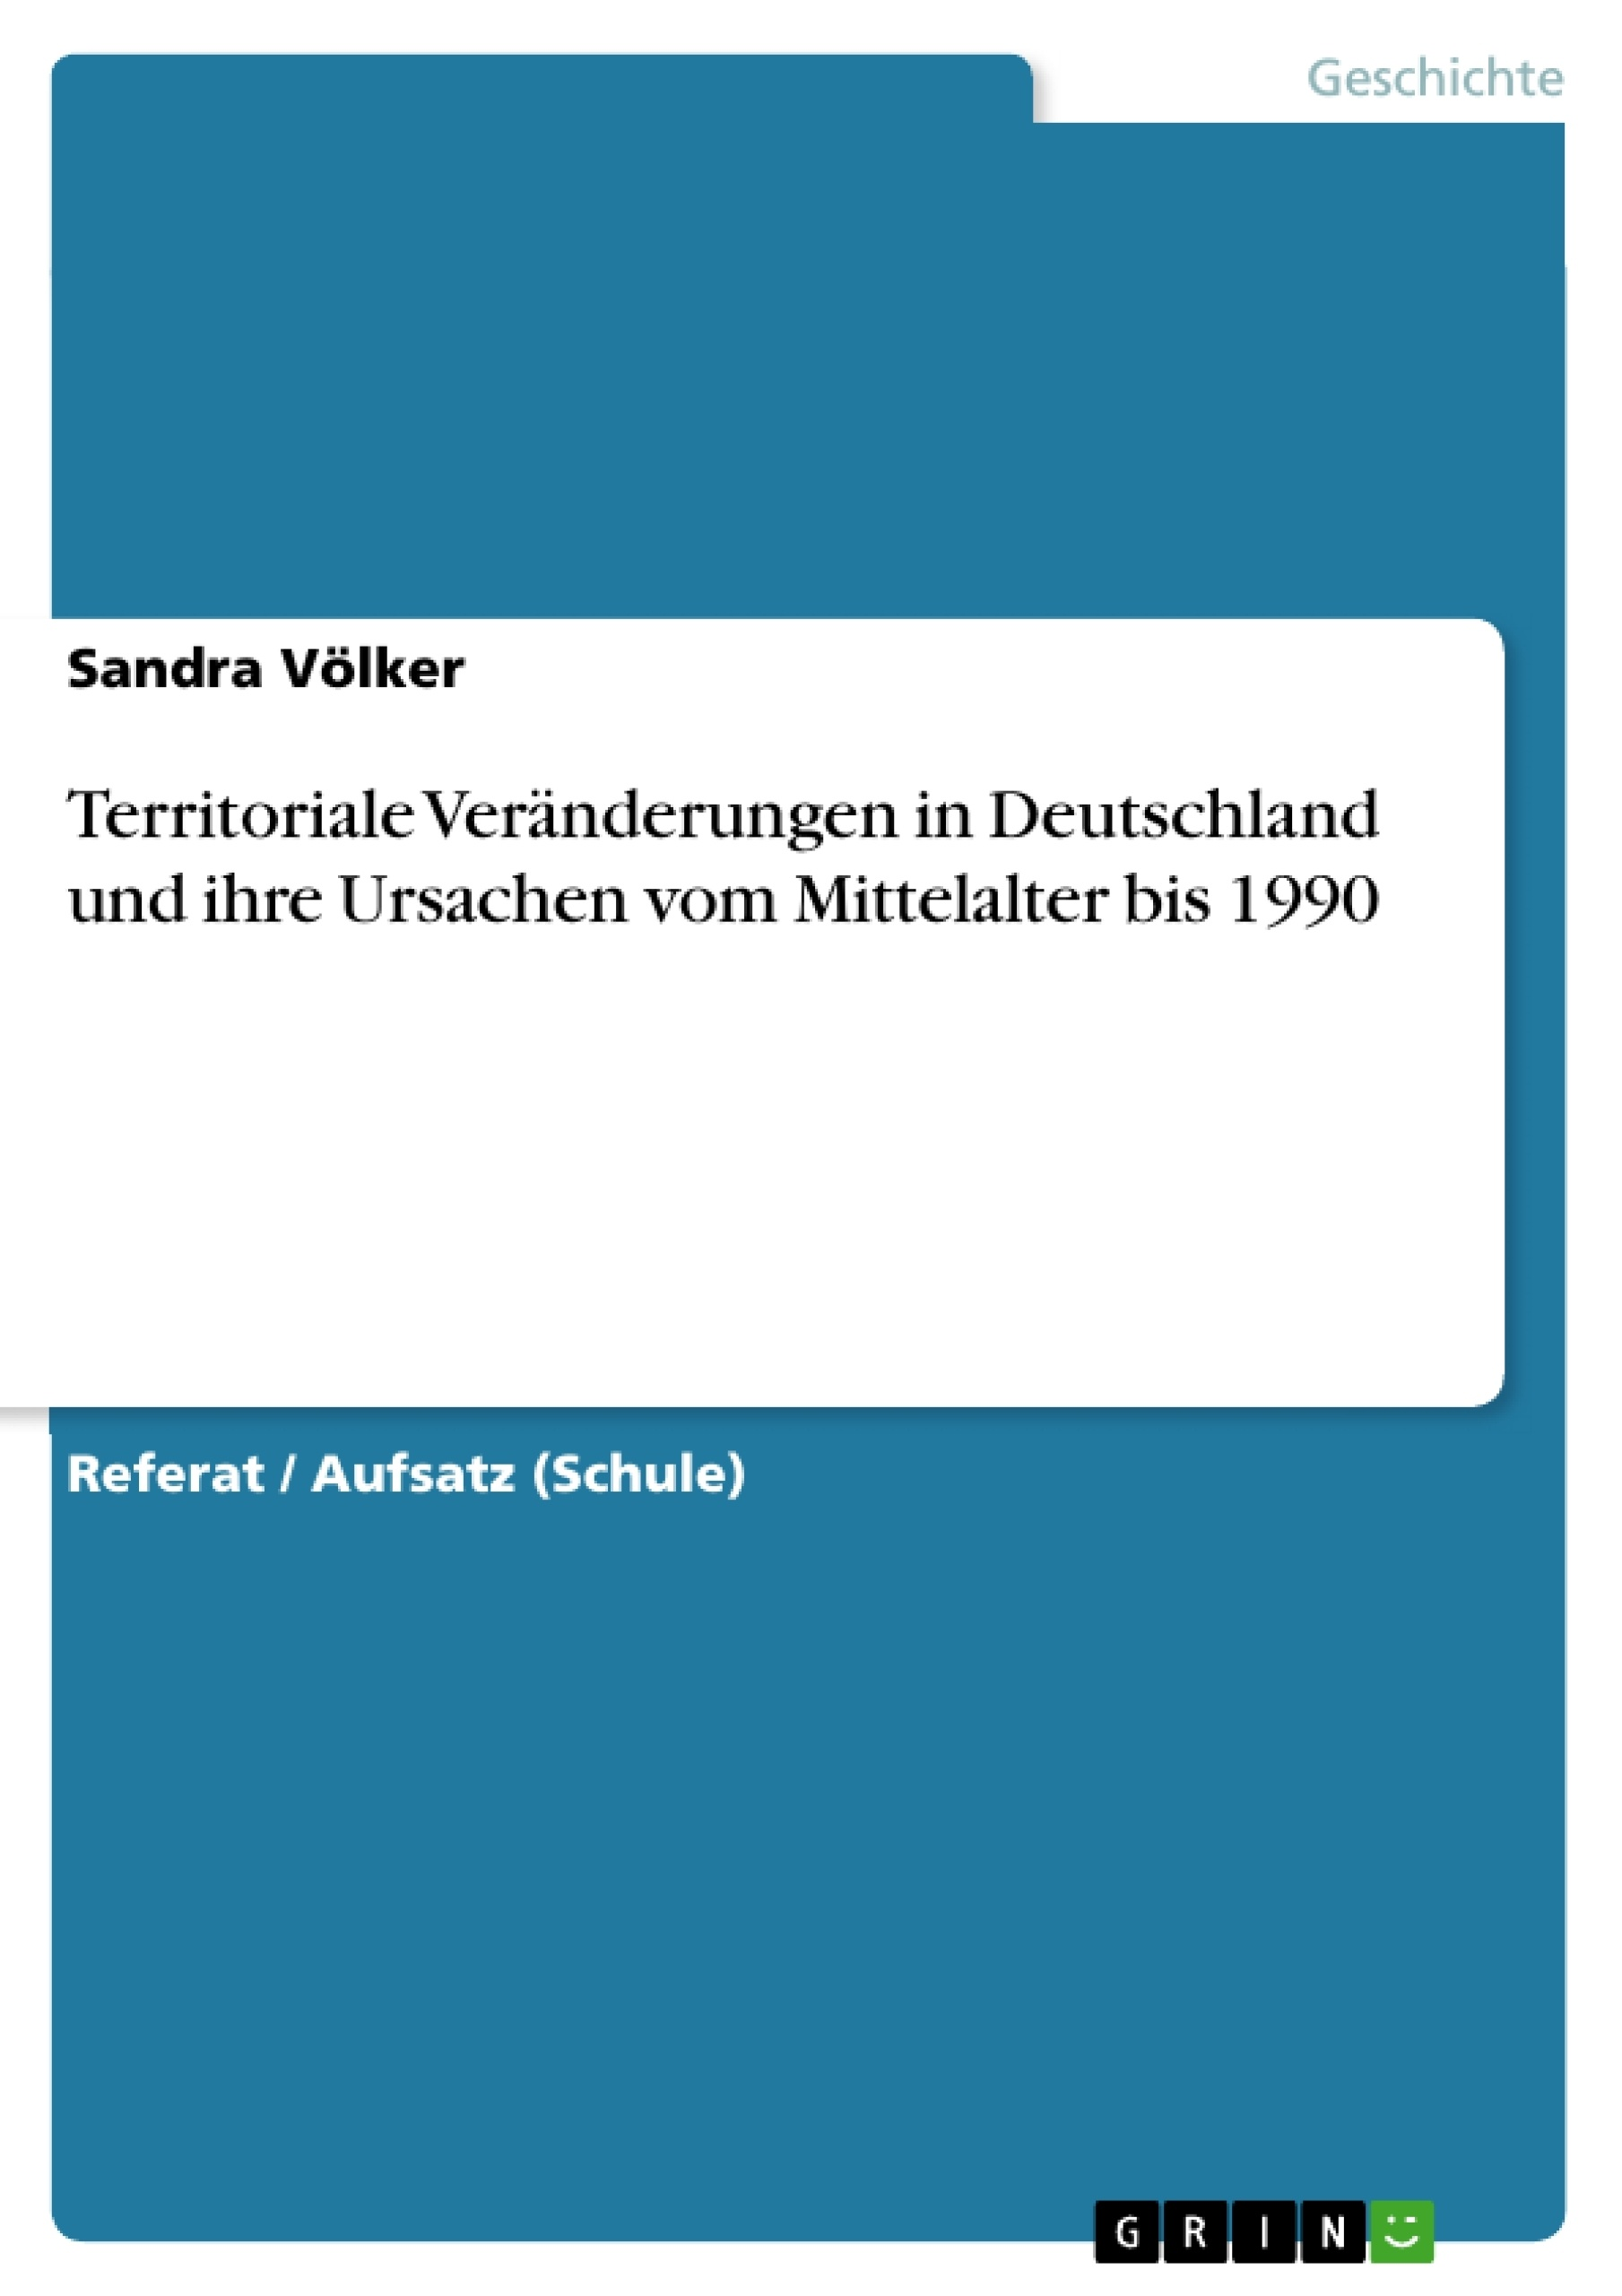 Titel: Territoriale Veränderungen in Deutschland und ihre Ursachen vom Mittelalter bis 1990